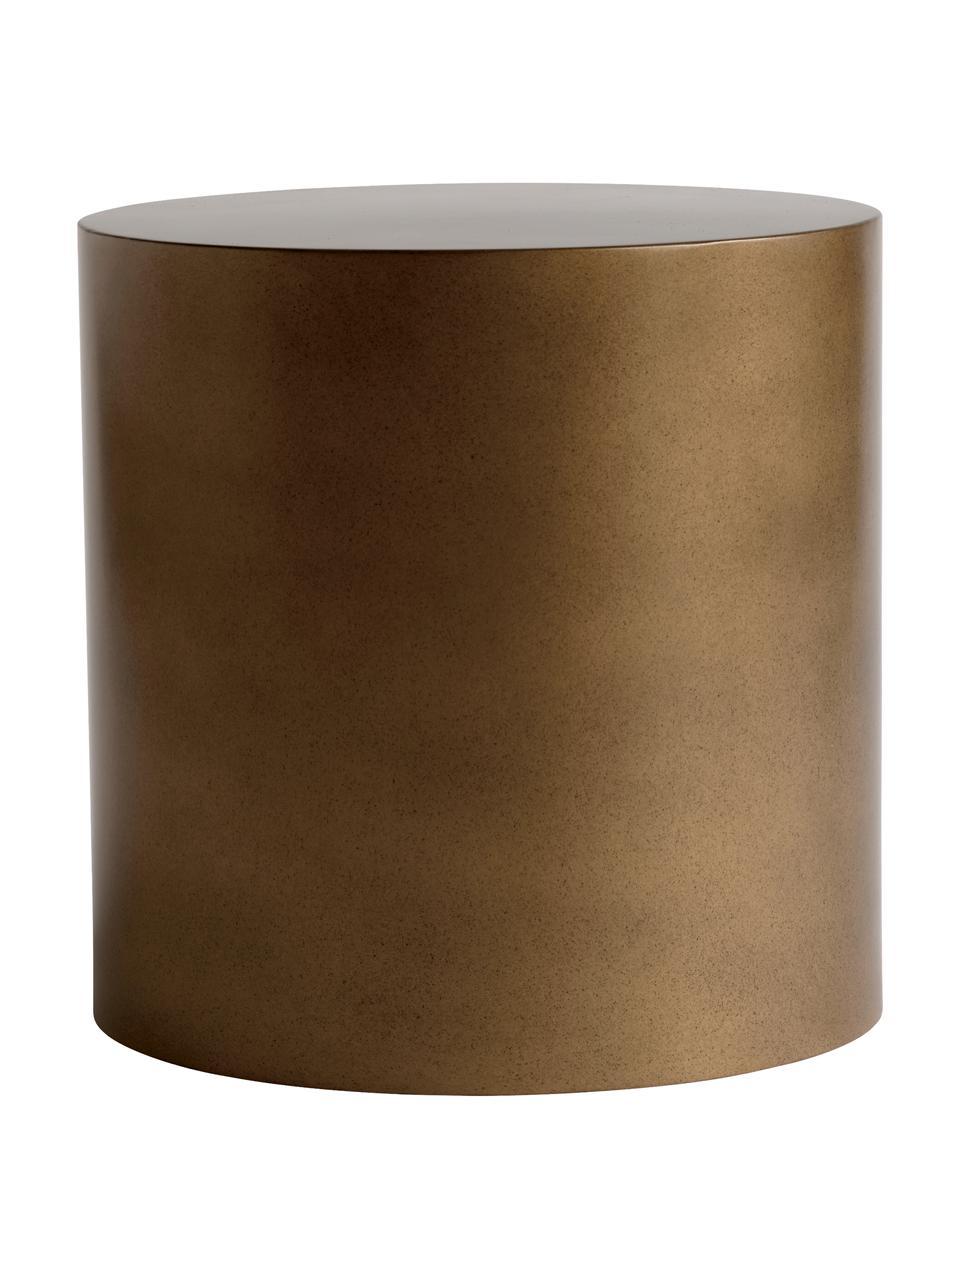 Runder Metall-Beistelltisch Metdrum in Honigfarben, Metall, Honigfarben, Ø 40 x H 40 cm